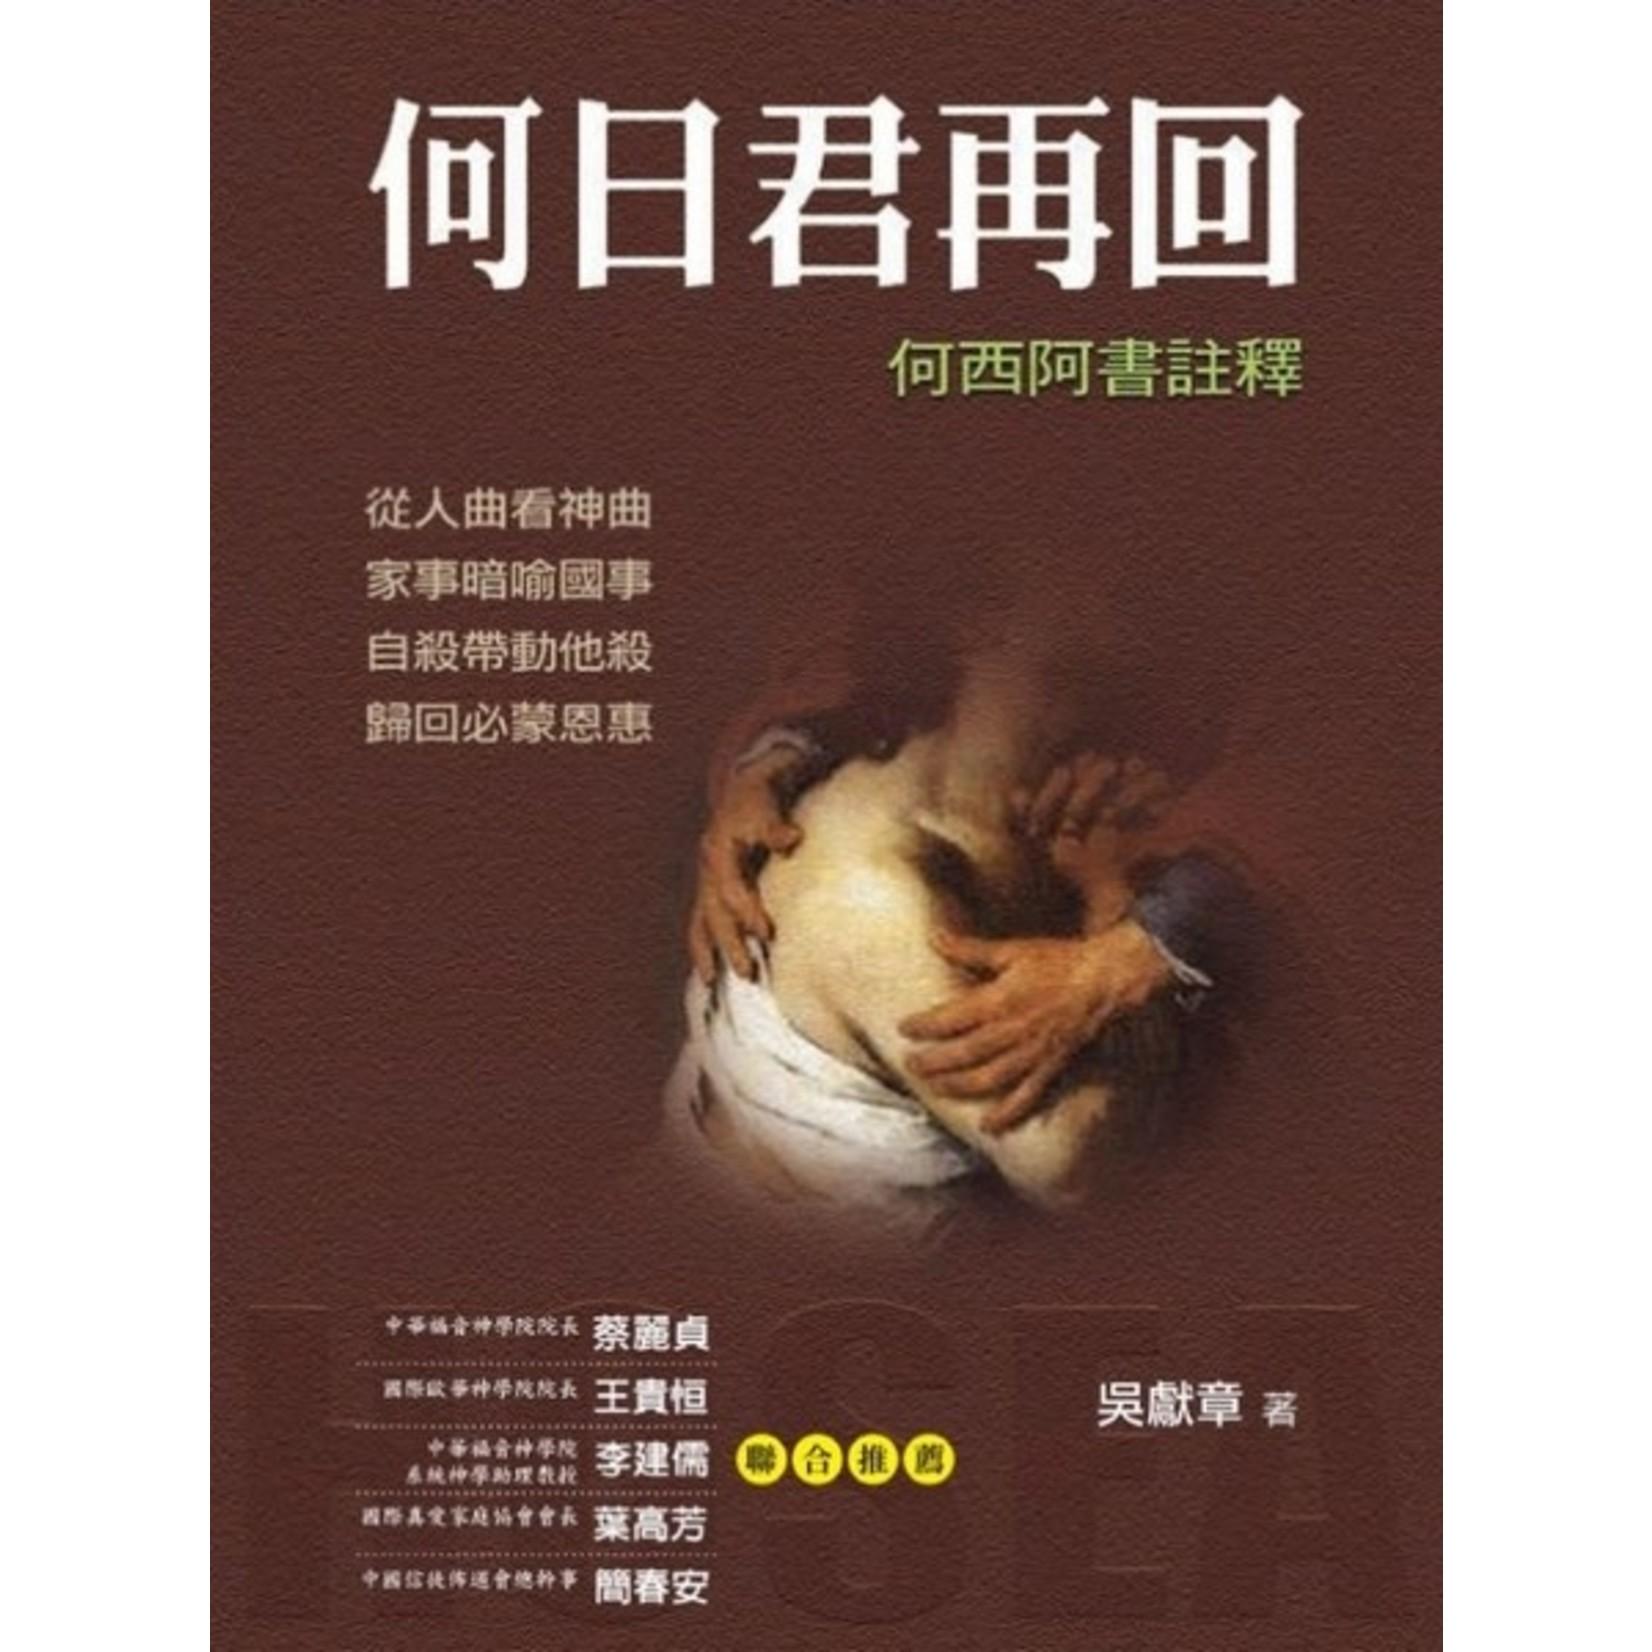 道聲 Taosheng Taiwan 何日君再回:何西阿書註釋